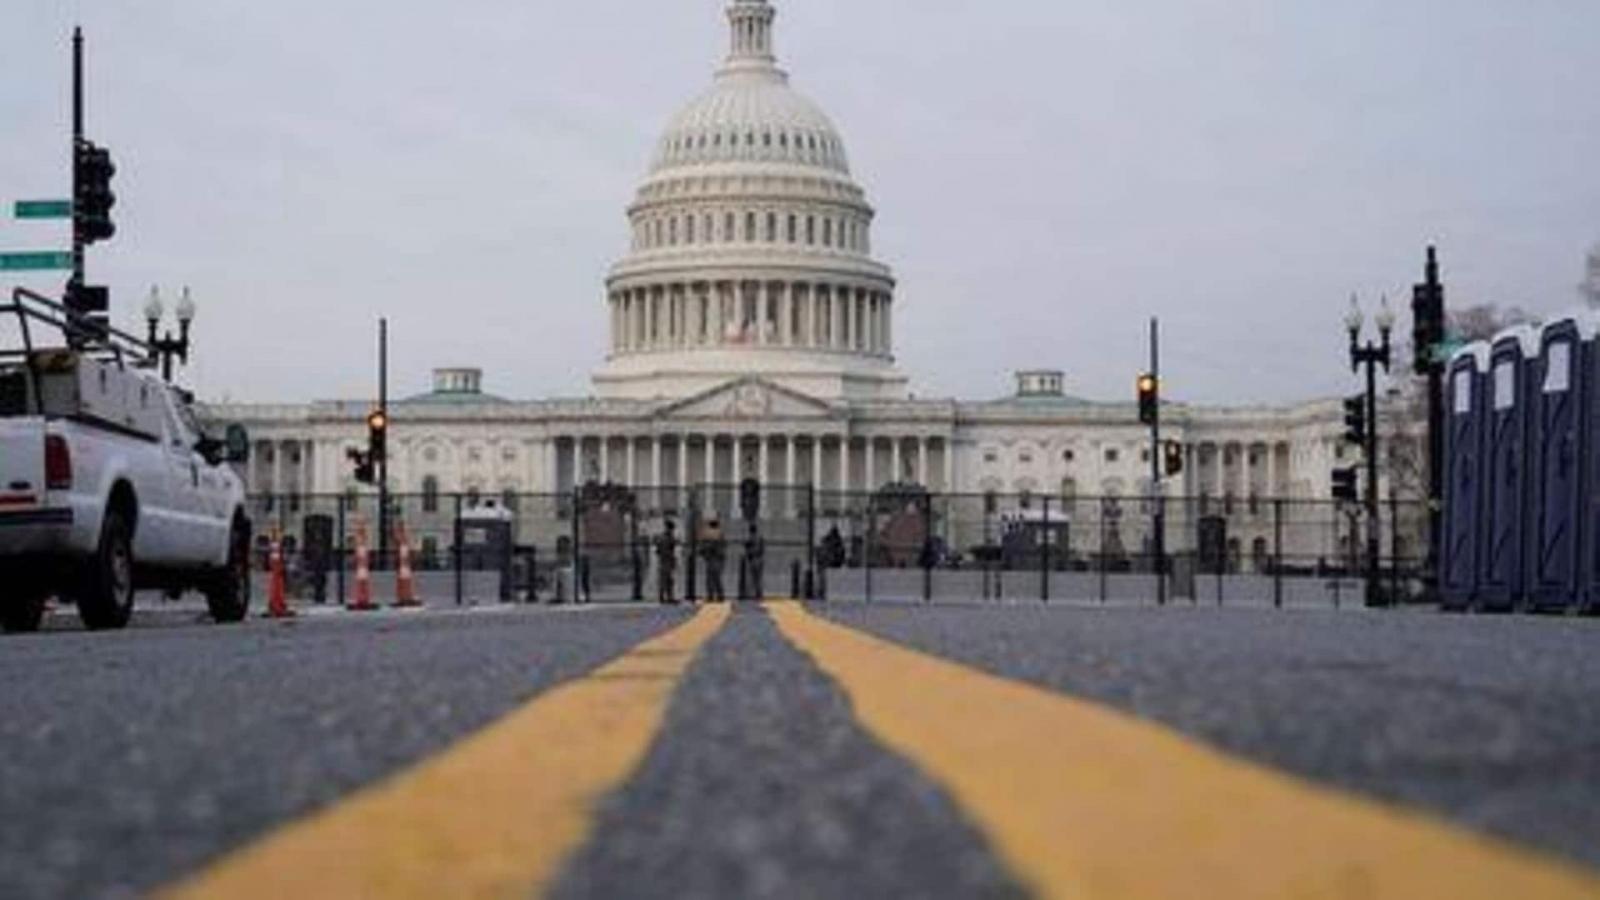 Thượng viện Mỹ bỏ phiếu quyết định phiên tòa xét xử cựu Tổng thống Trump là hợp hiến